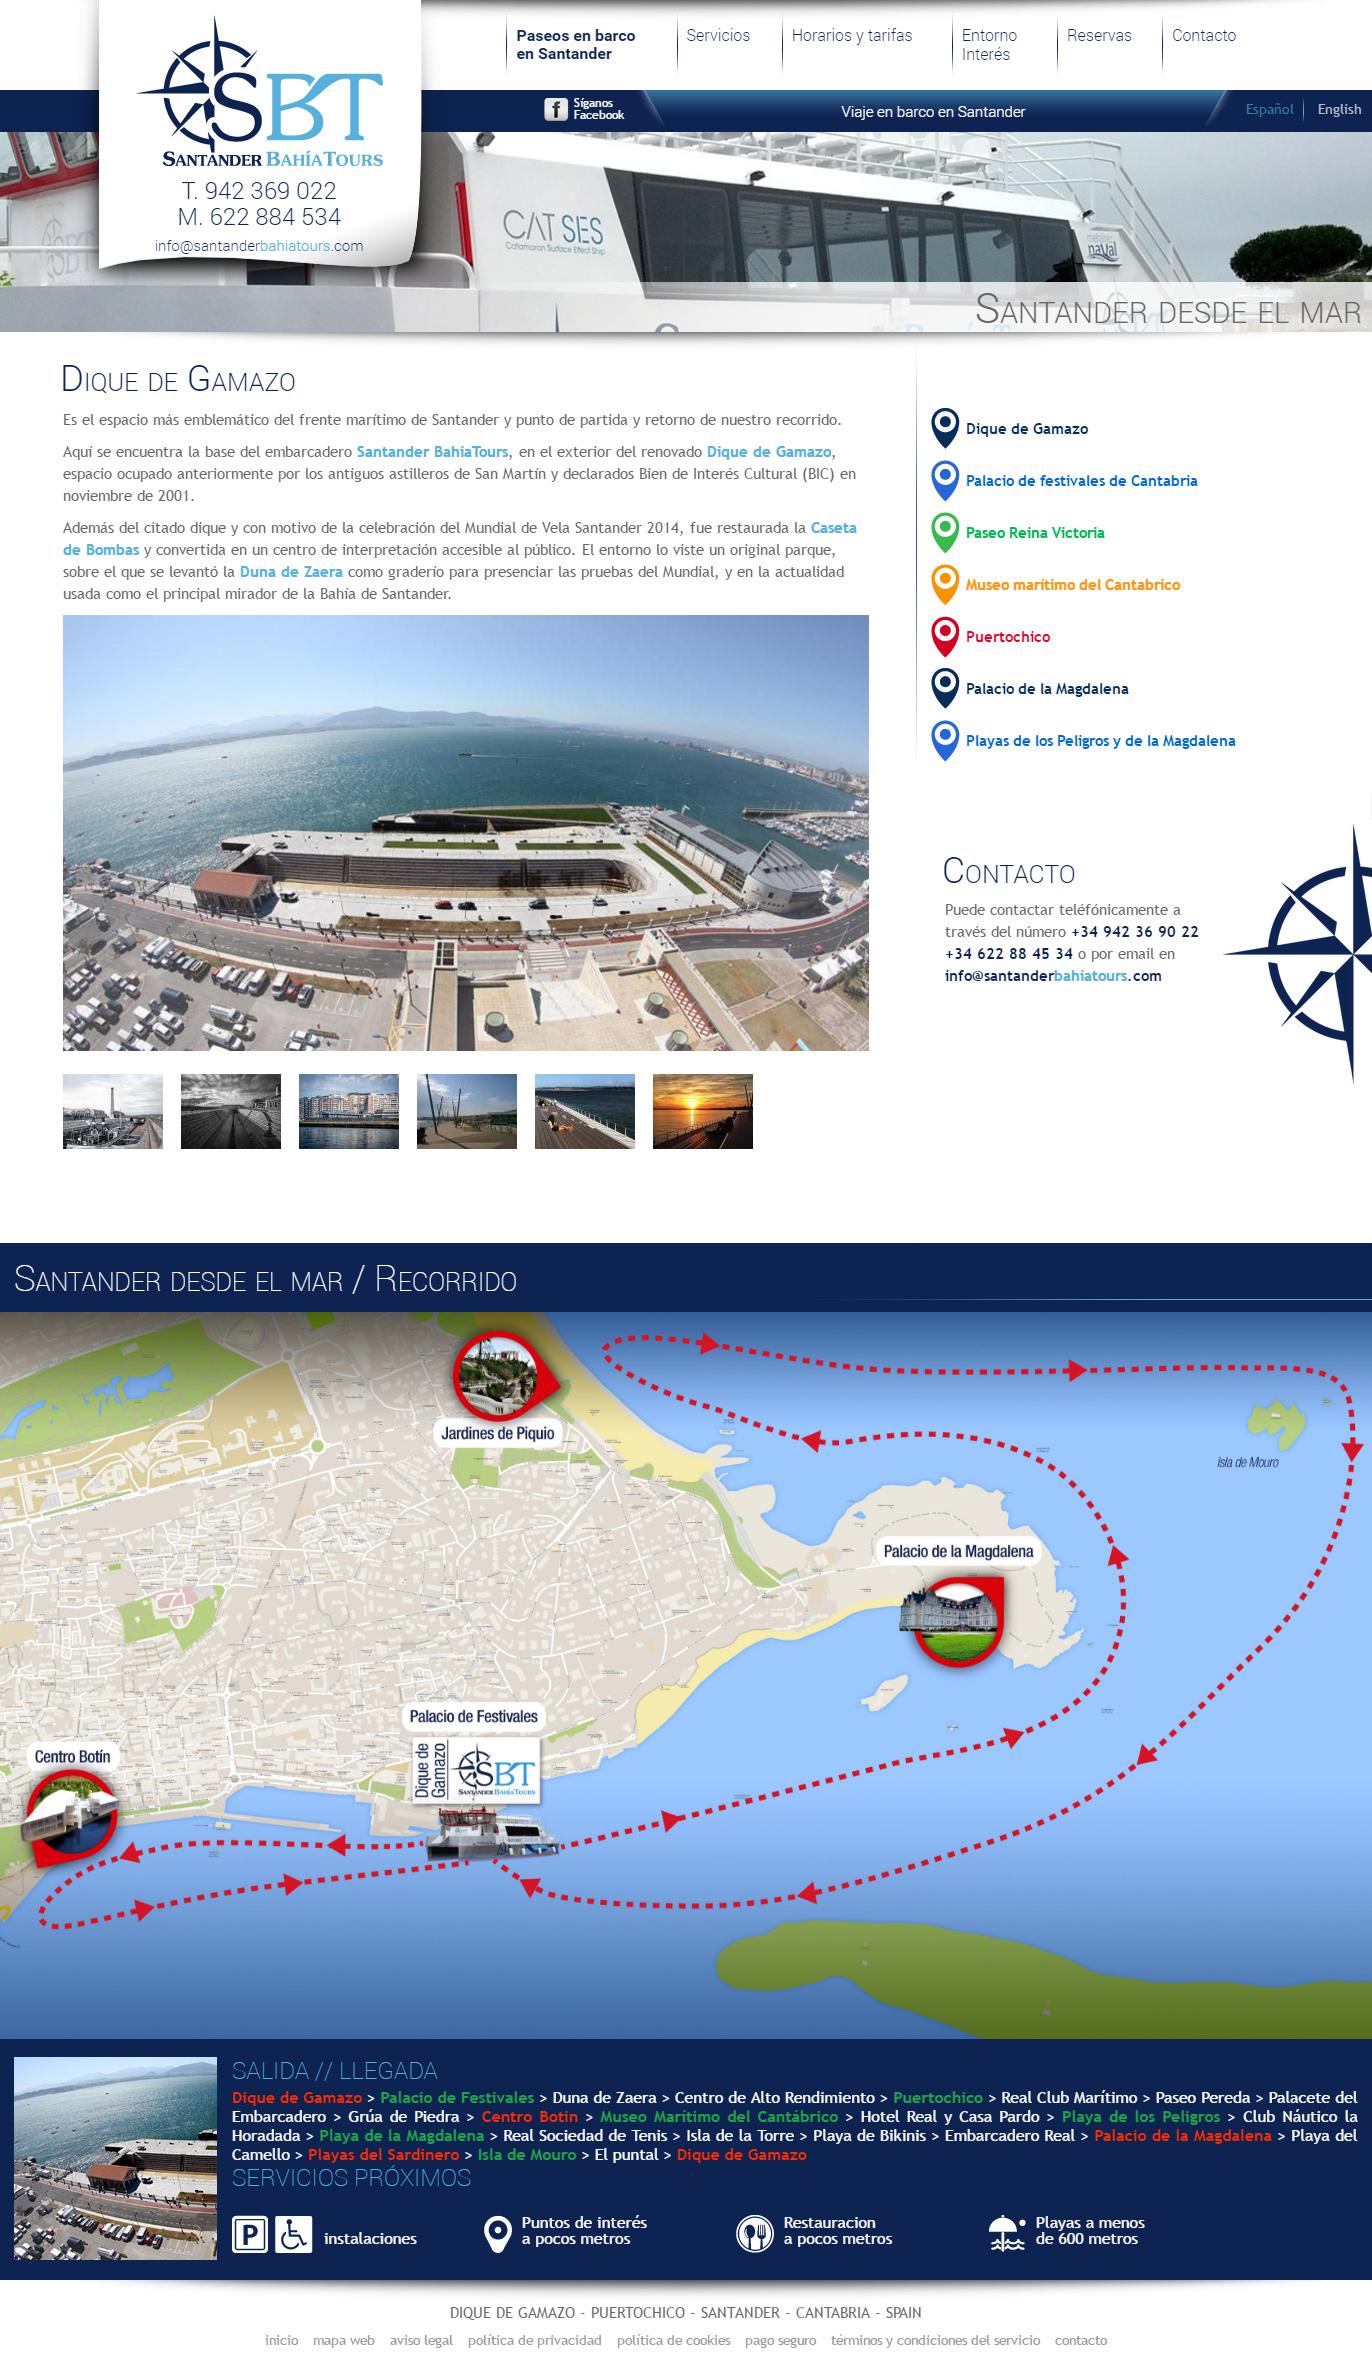 Santander Bahía Tours_ficha_entorno